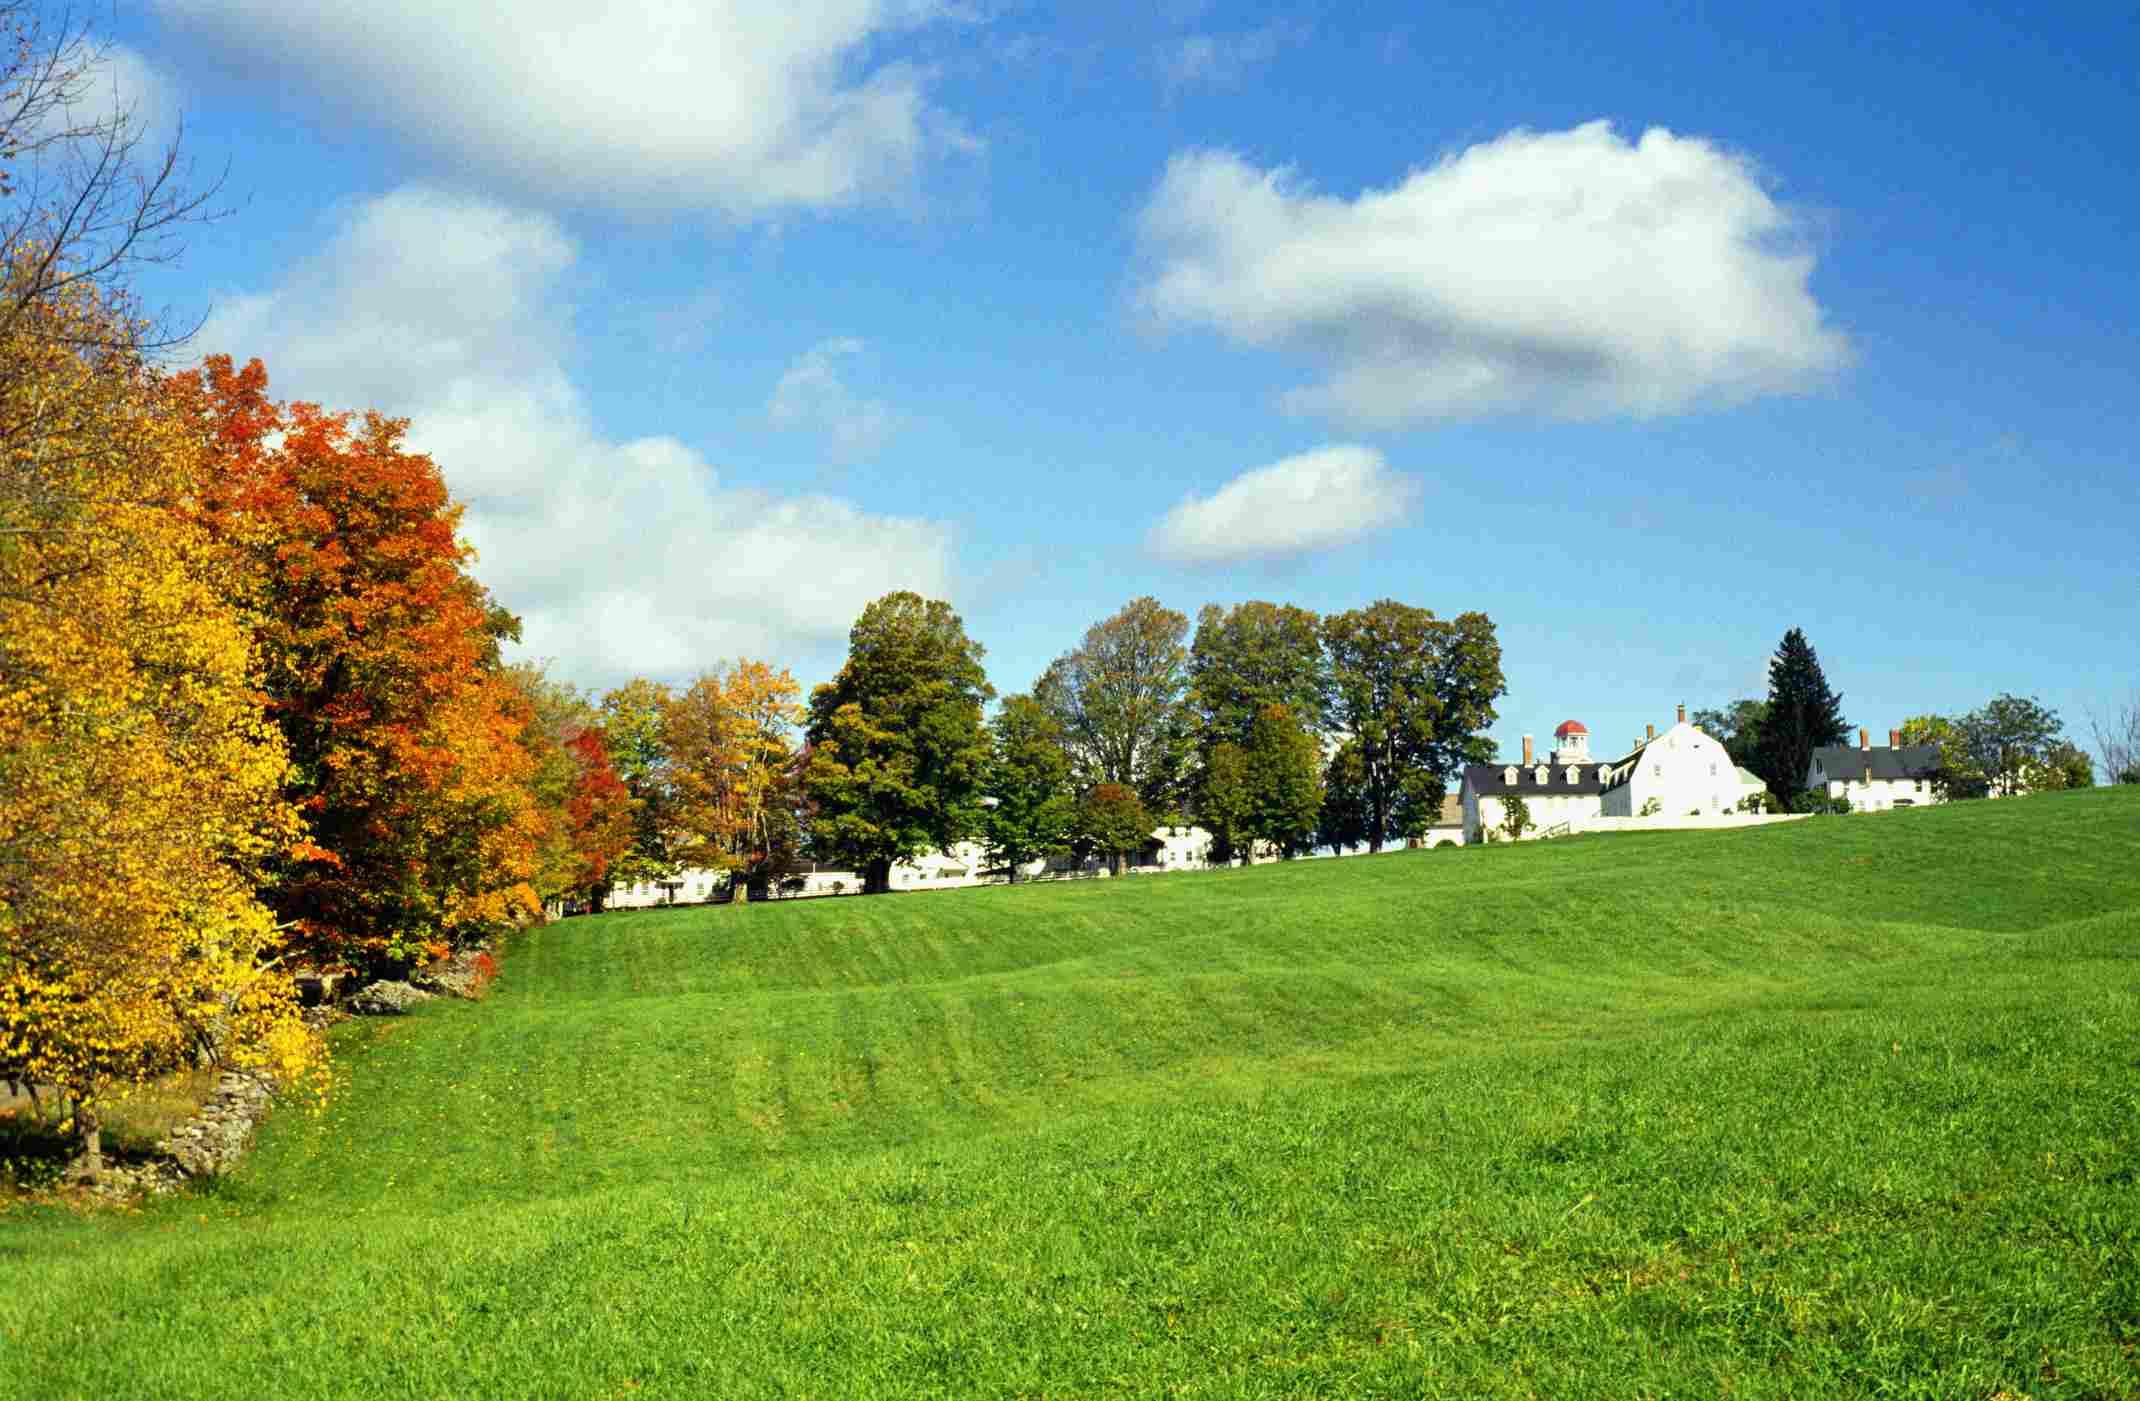 Shaker village at fall near Canterbury, New Hampshire